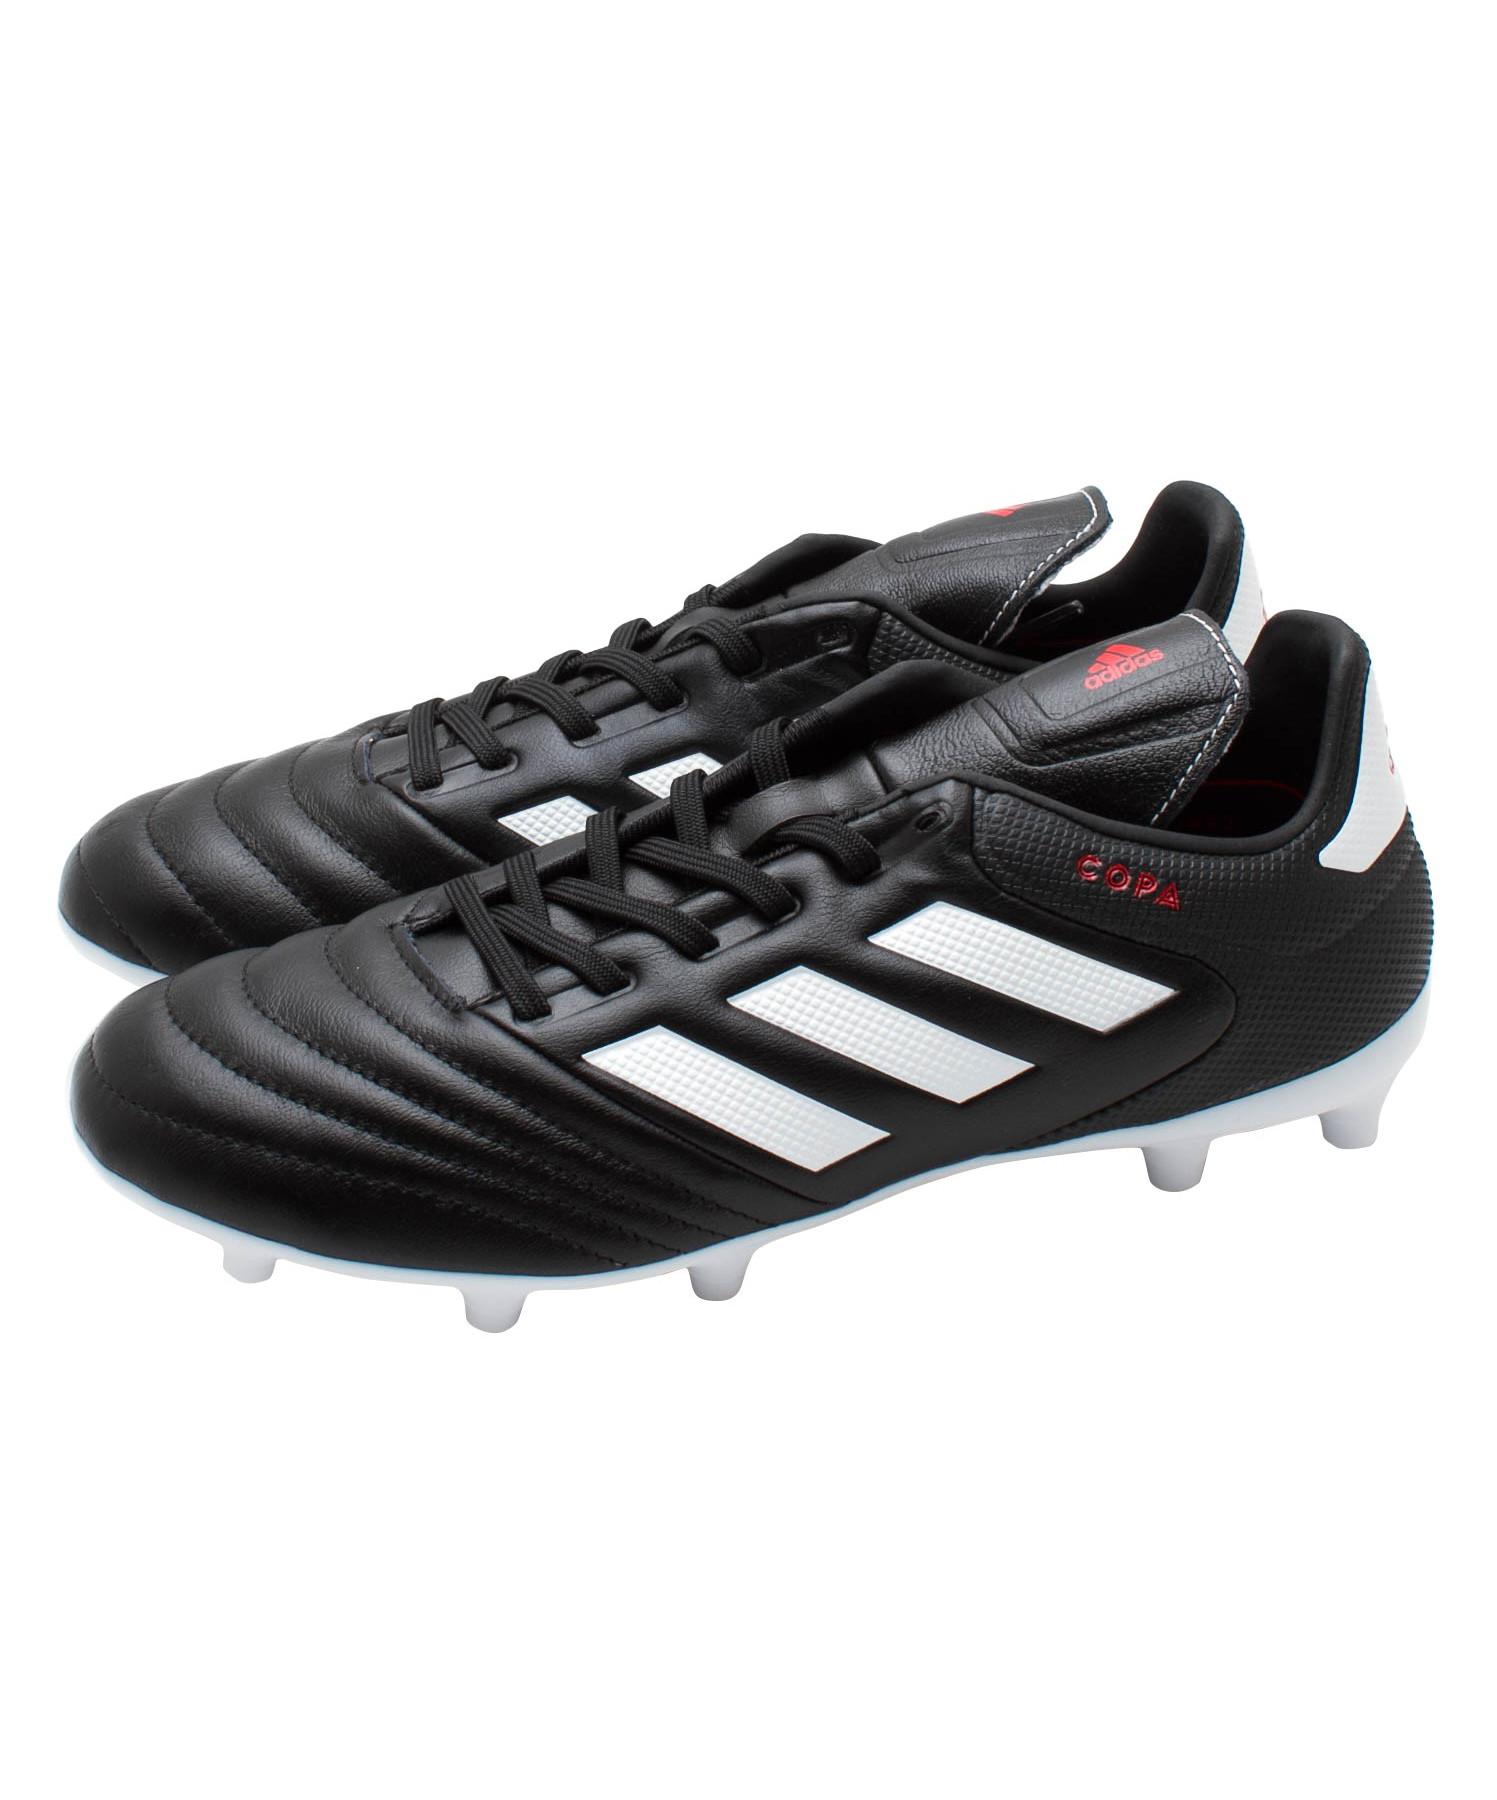 ADIDAS Copa Uomo Scarpe Calcio Sneakers Scarpe Sportive ba9716 Nero Nuovo